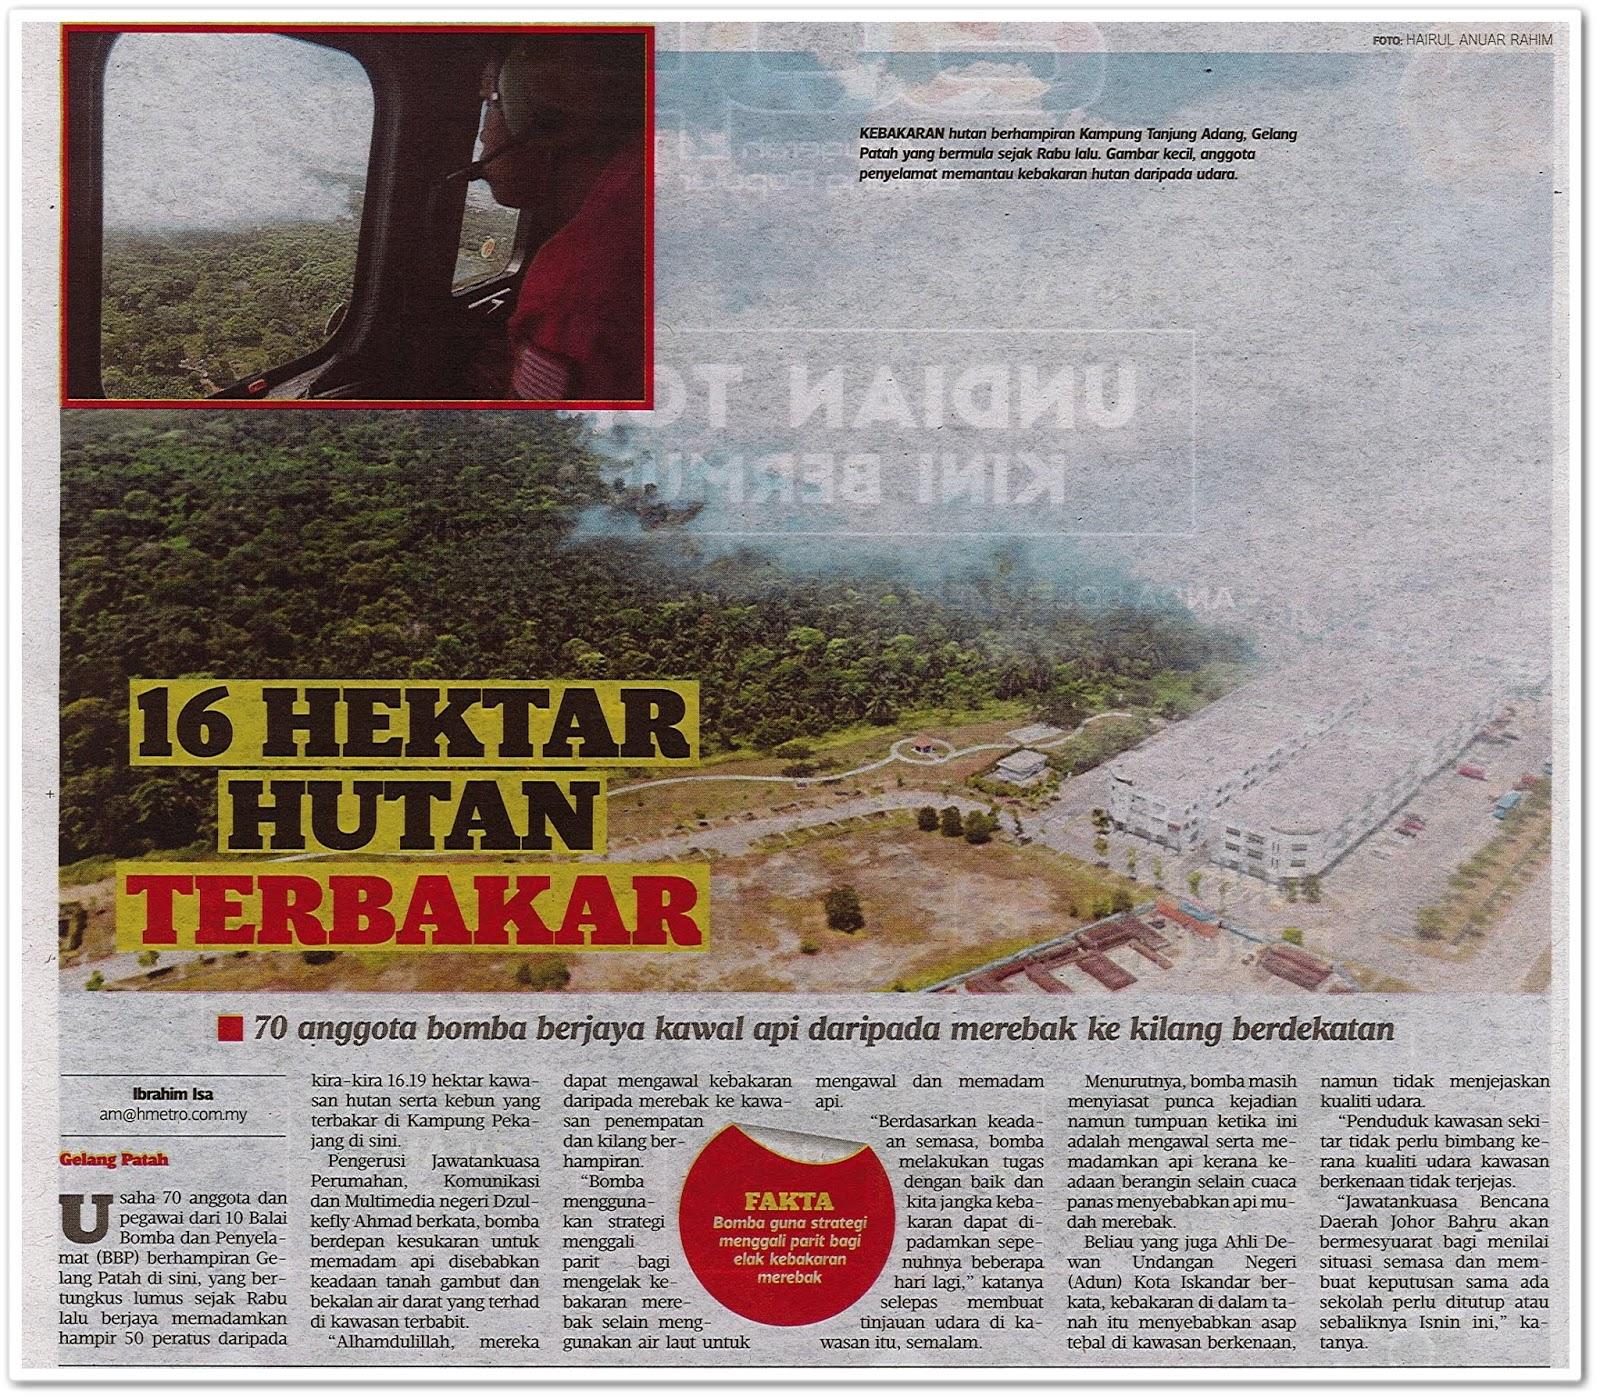 16 hektar hutan terbakar - Keratan akhbar Harian Metro 24 Ogos 2019